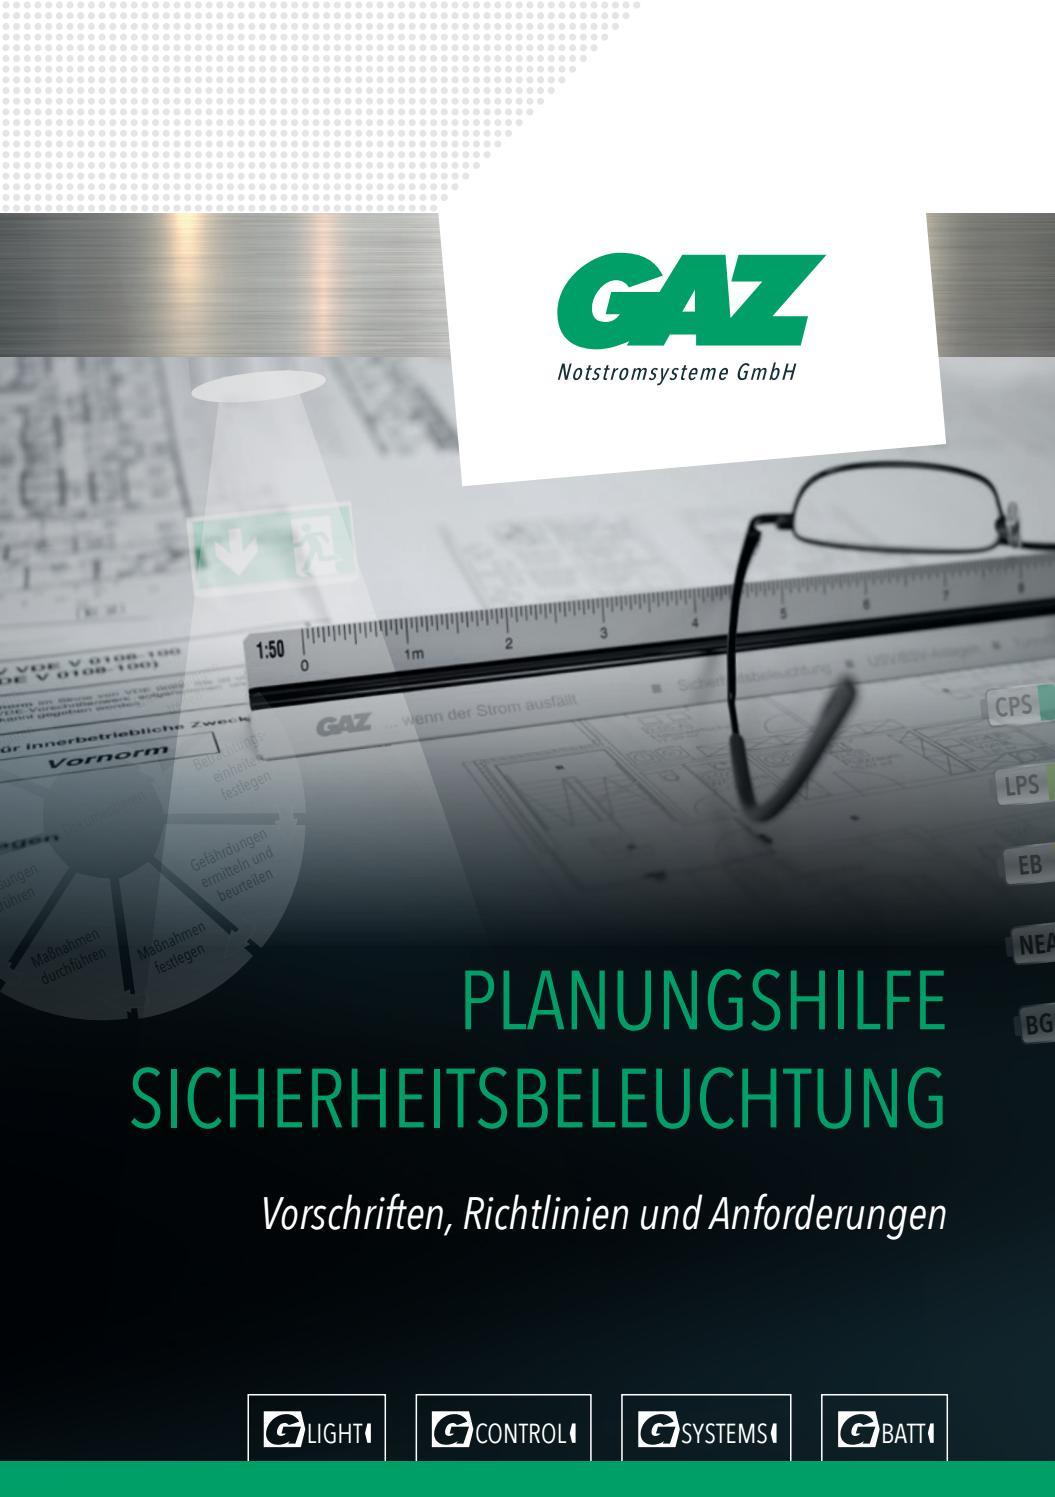 Planungshilfe Sicherheitsbeleuchtungsanlagen by GAZ Notstromsysteme ...